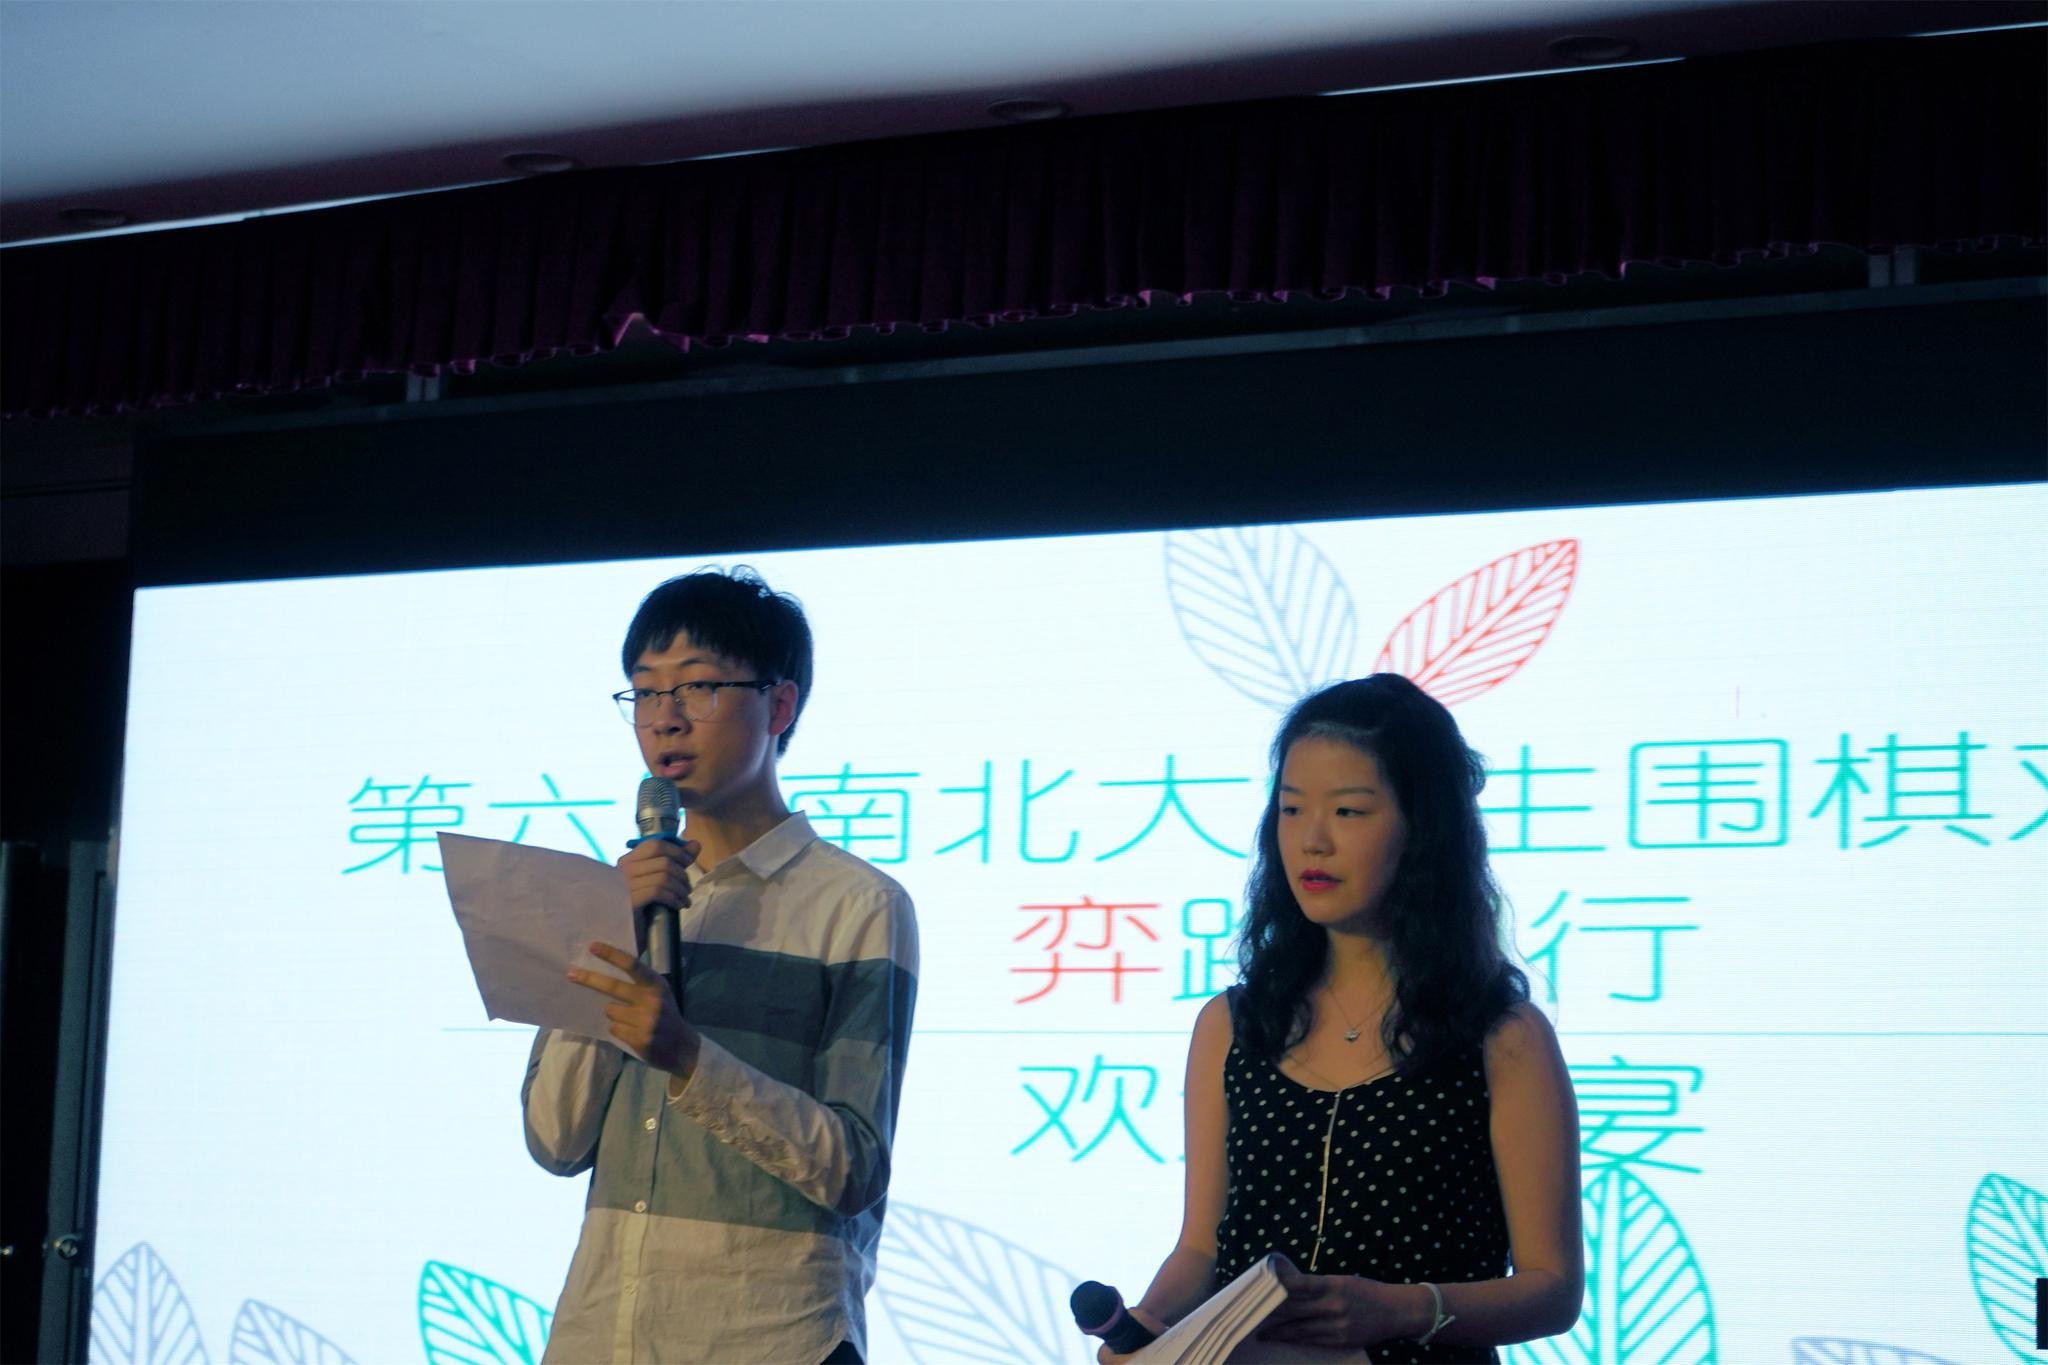 南北大学生对抗赛启幕 打响中国围棋大会第一炮